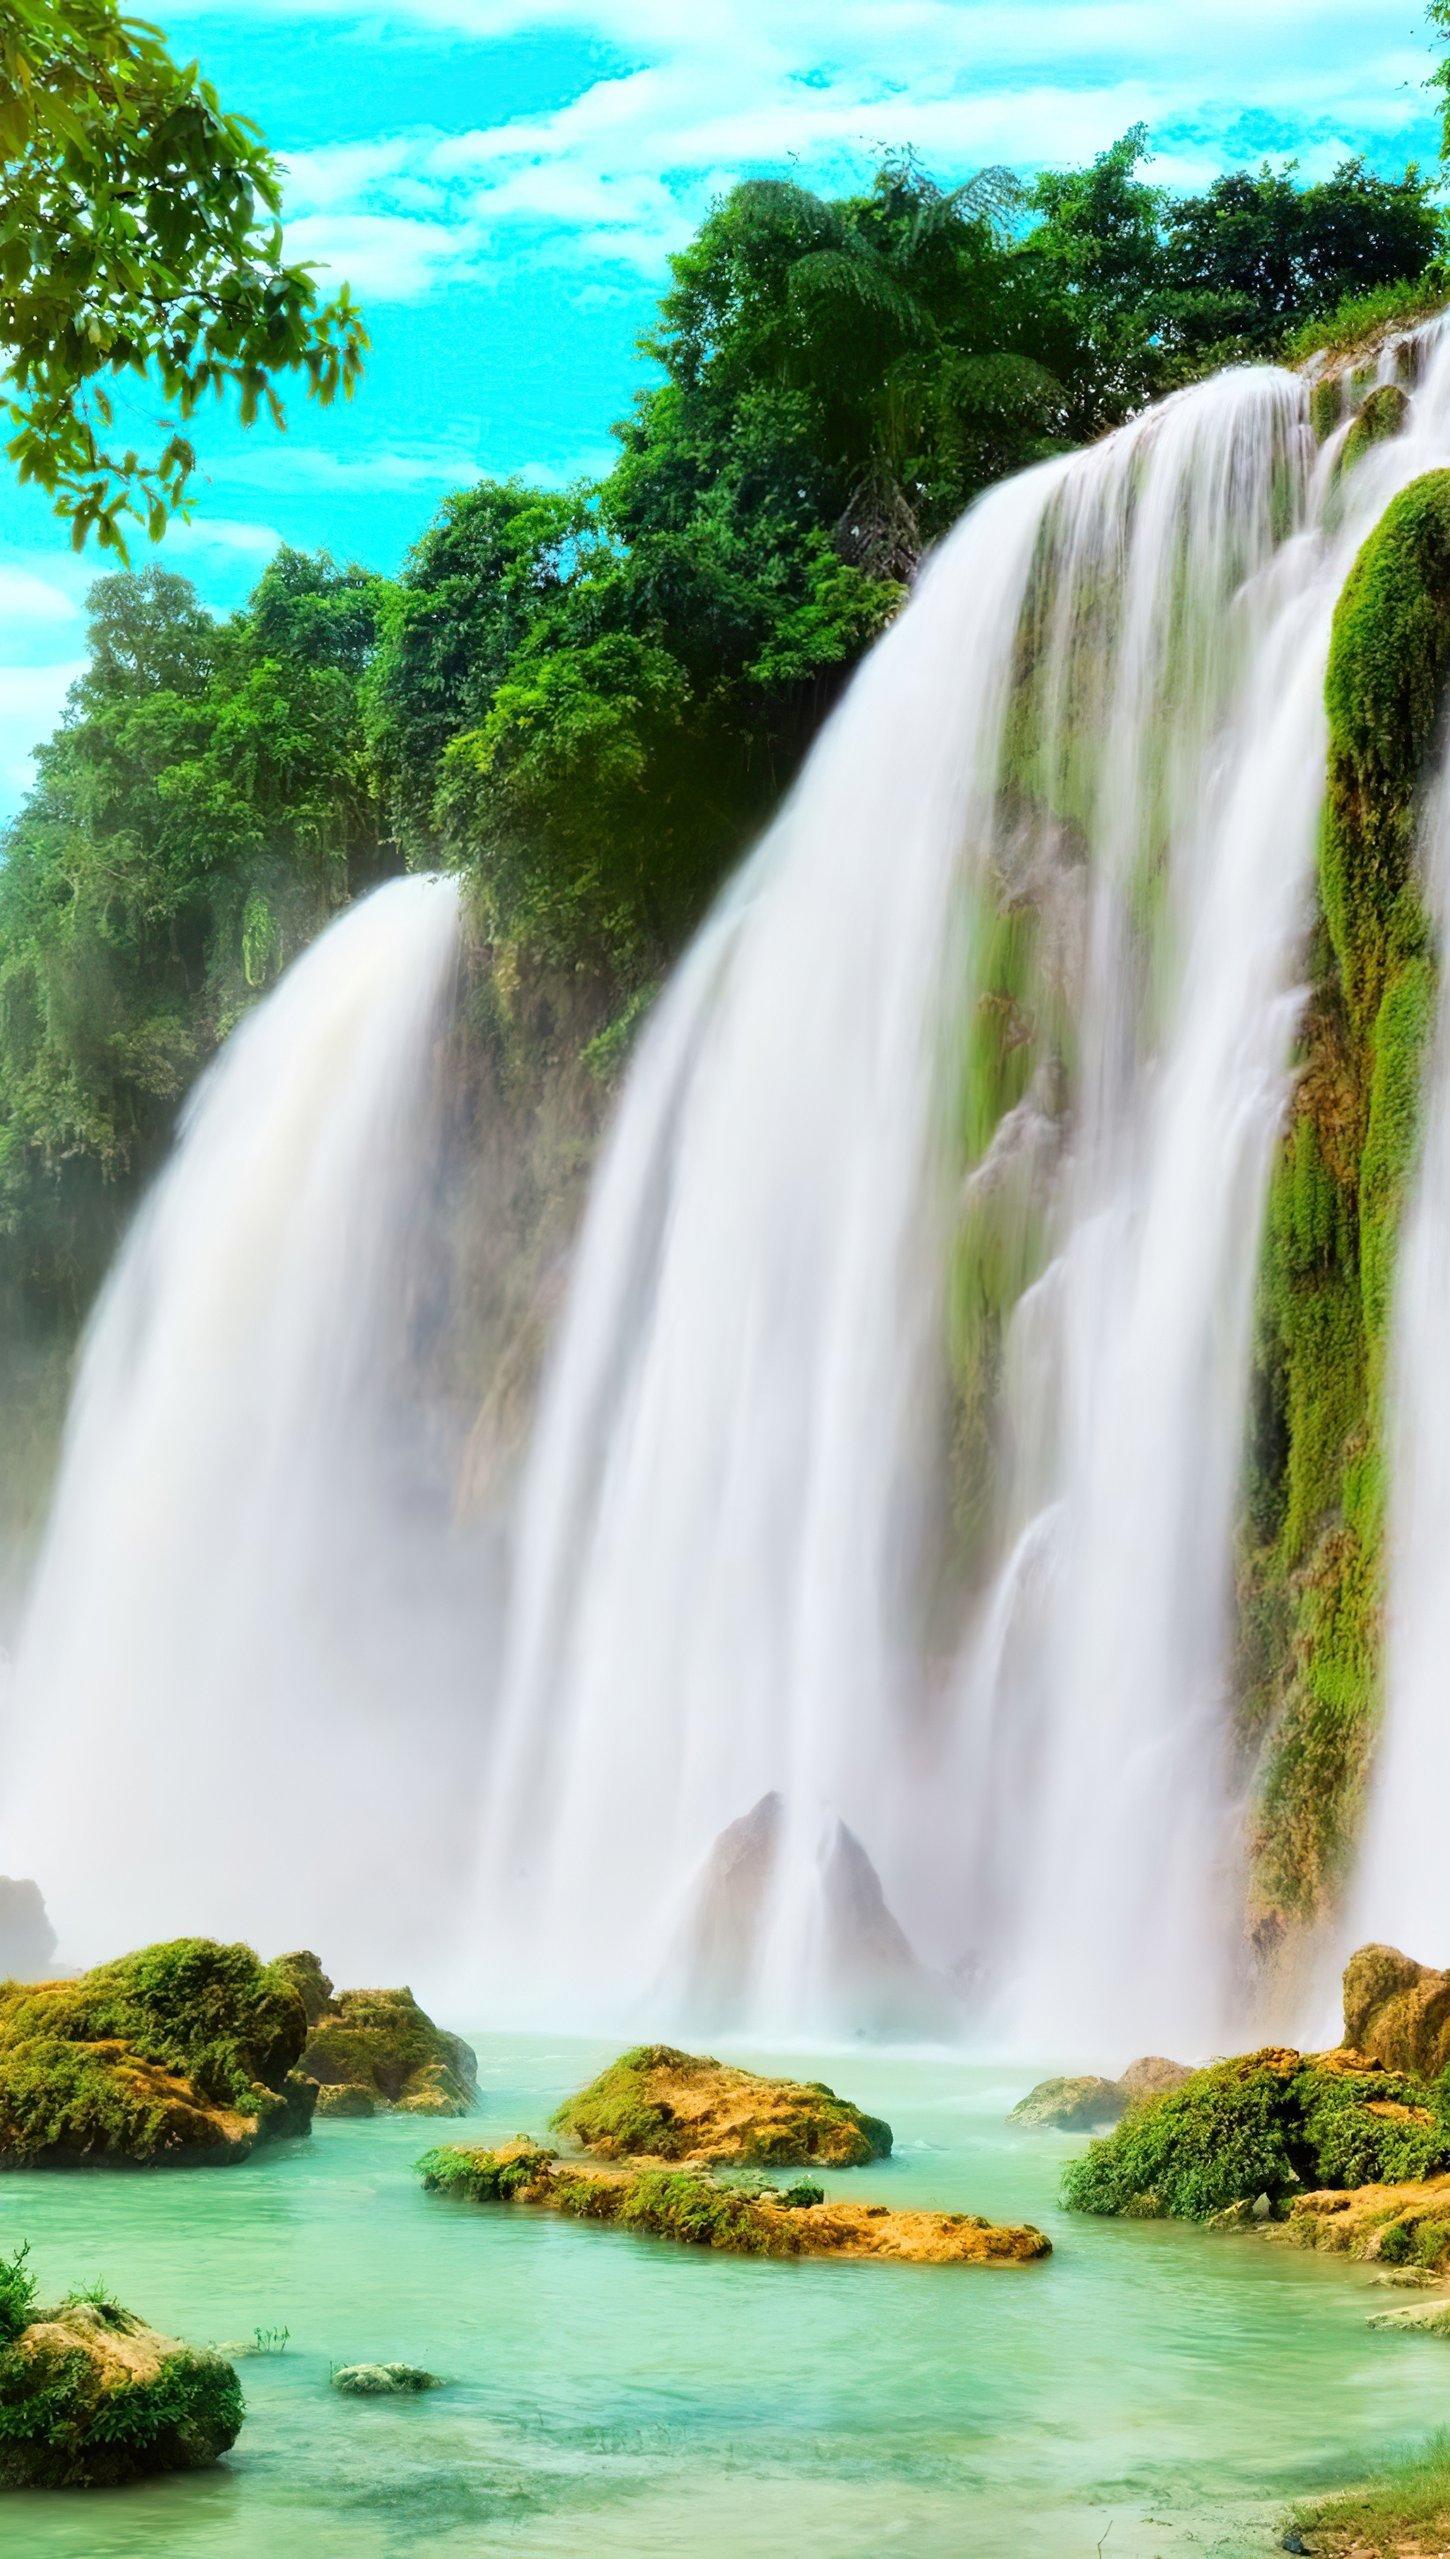 Fondos de pantalla Sueño a través de cascadas Vertical